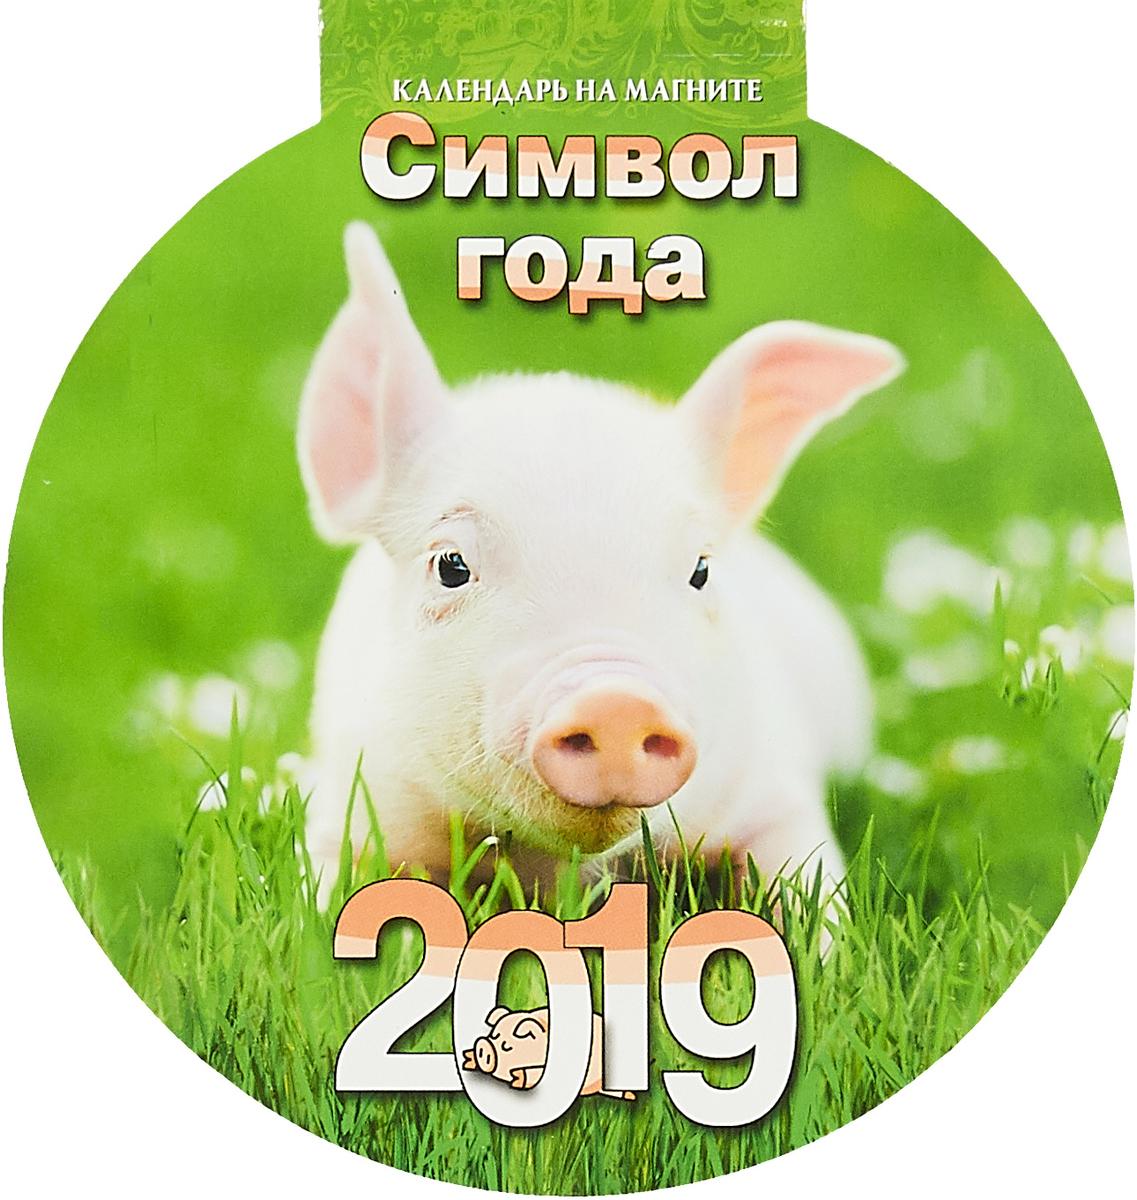 Символ года. Вид 3. Календарь на магните отрывной с вырубкой 2019